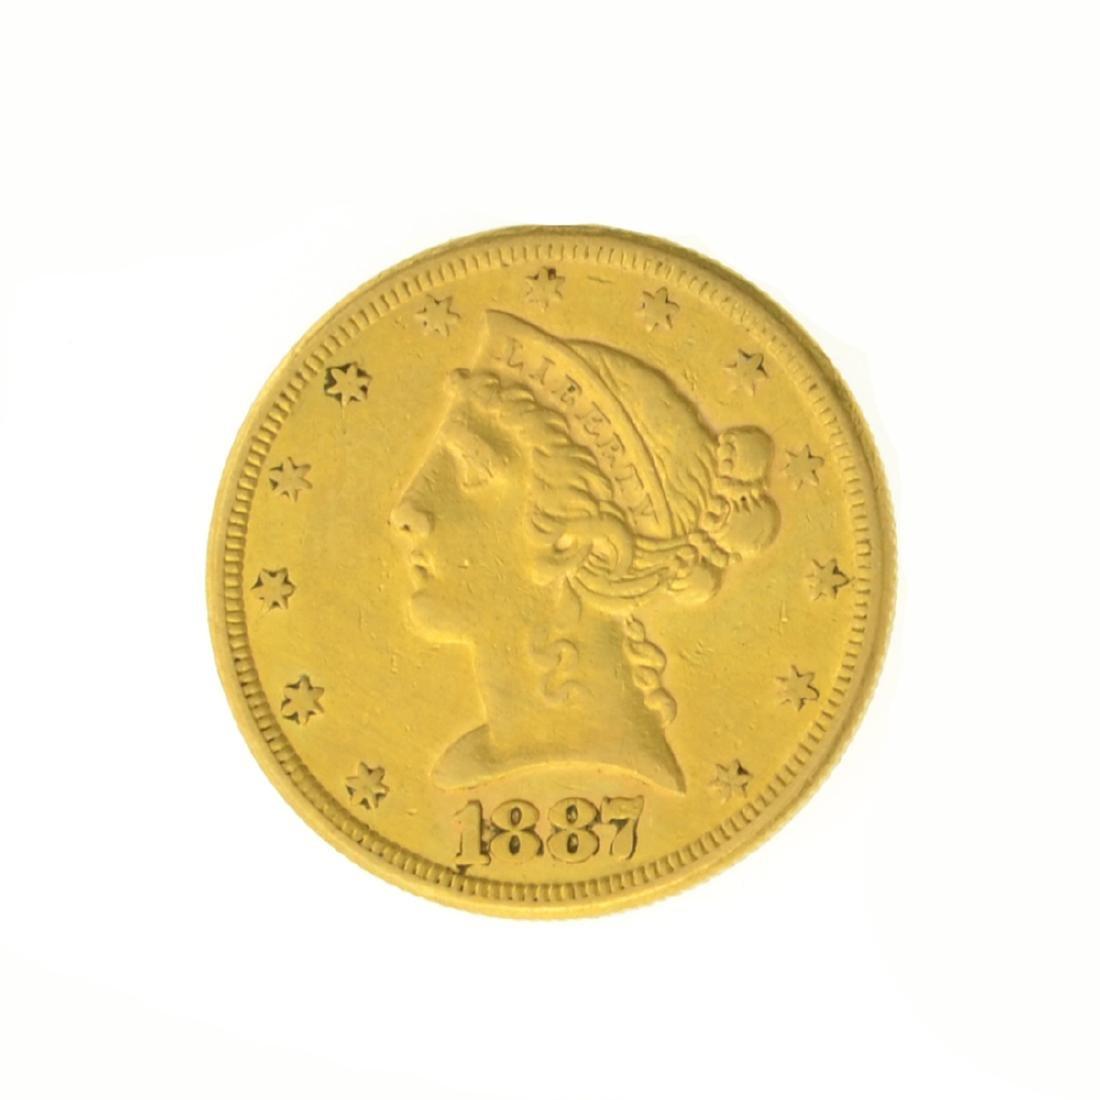 *1887-S $5.00 U.S. Liberty Head Gold Coin (JG)